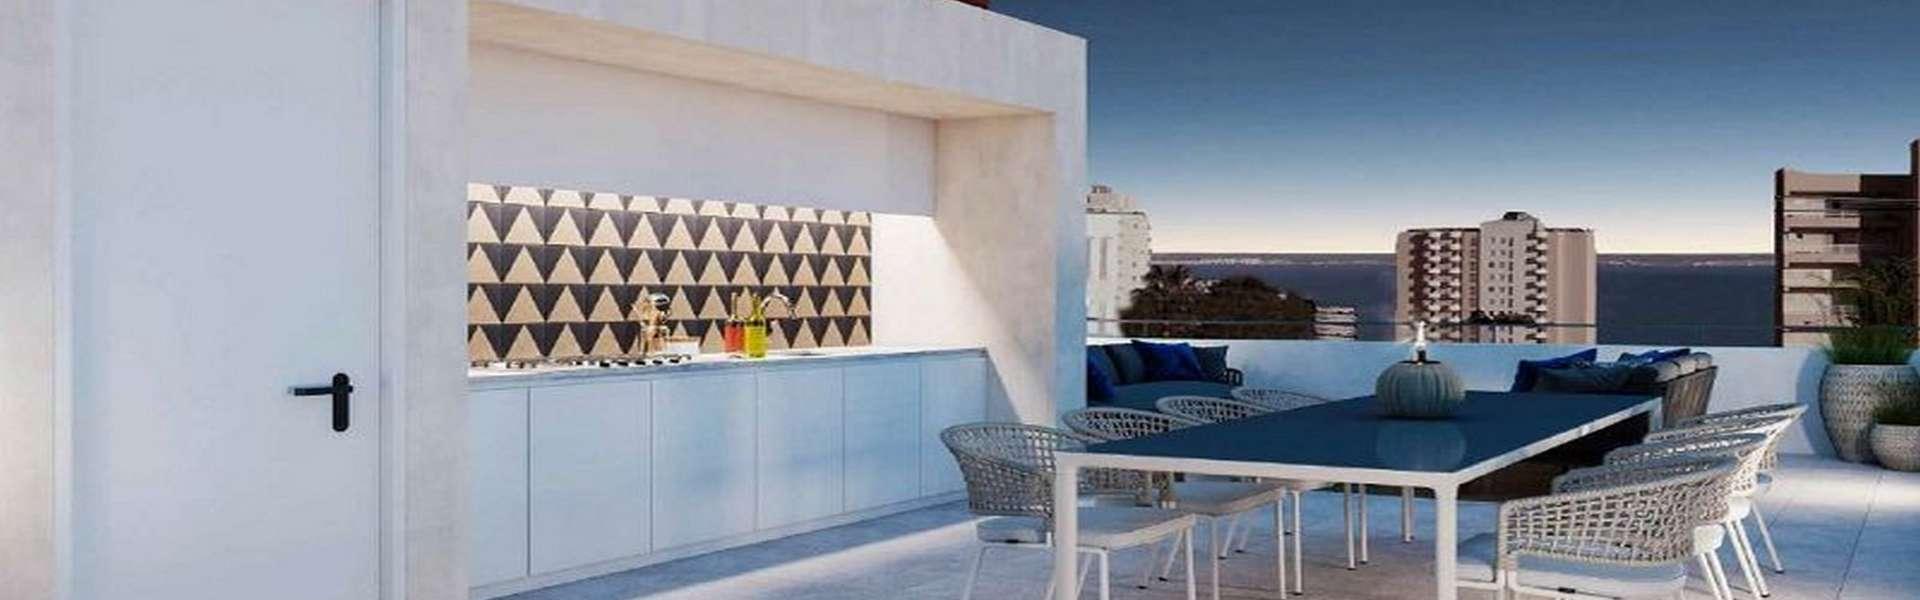 Palma/San Agustín - Luxuriöse Doppelhaushälfte zu verkaufen